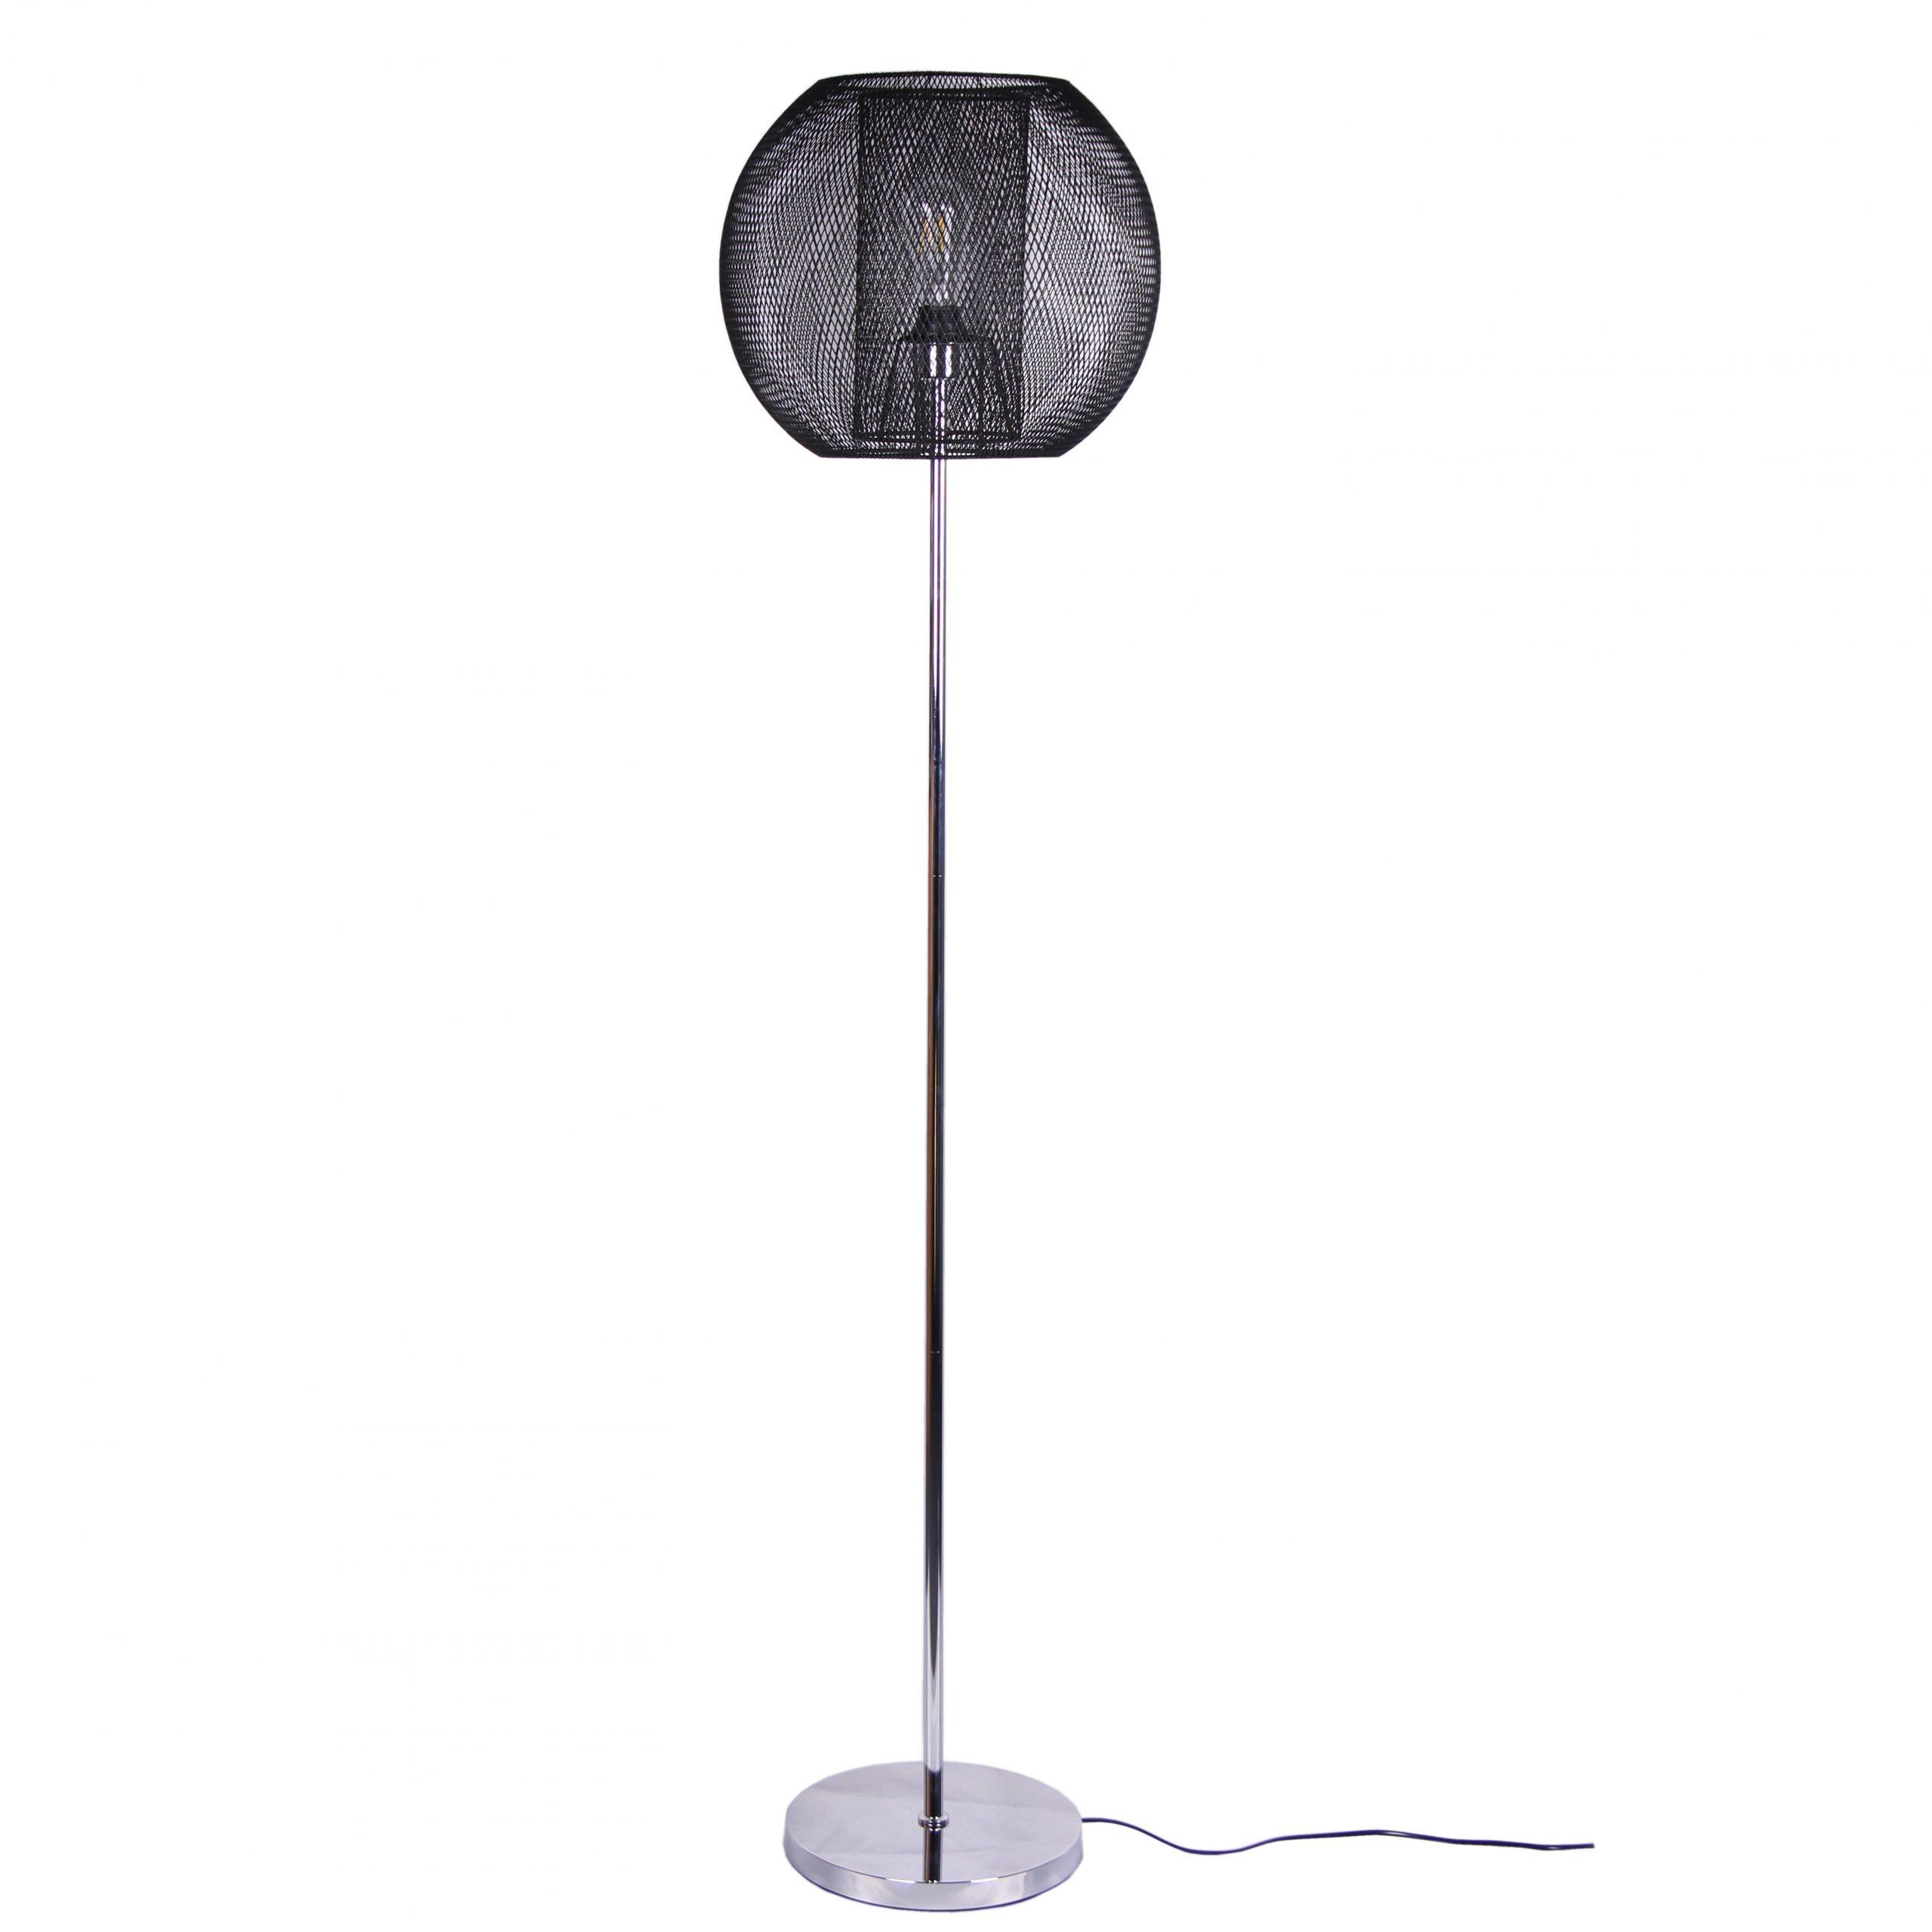 Full Size of Stehlampe Schlafzimmer Wohnzimmer Stehlampen Wohnzimmer Stehlampe Dimmbar